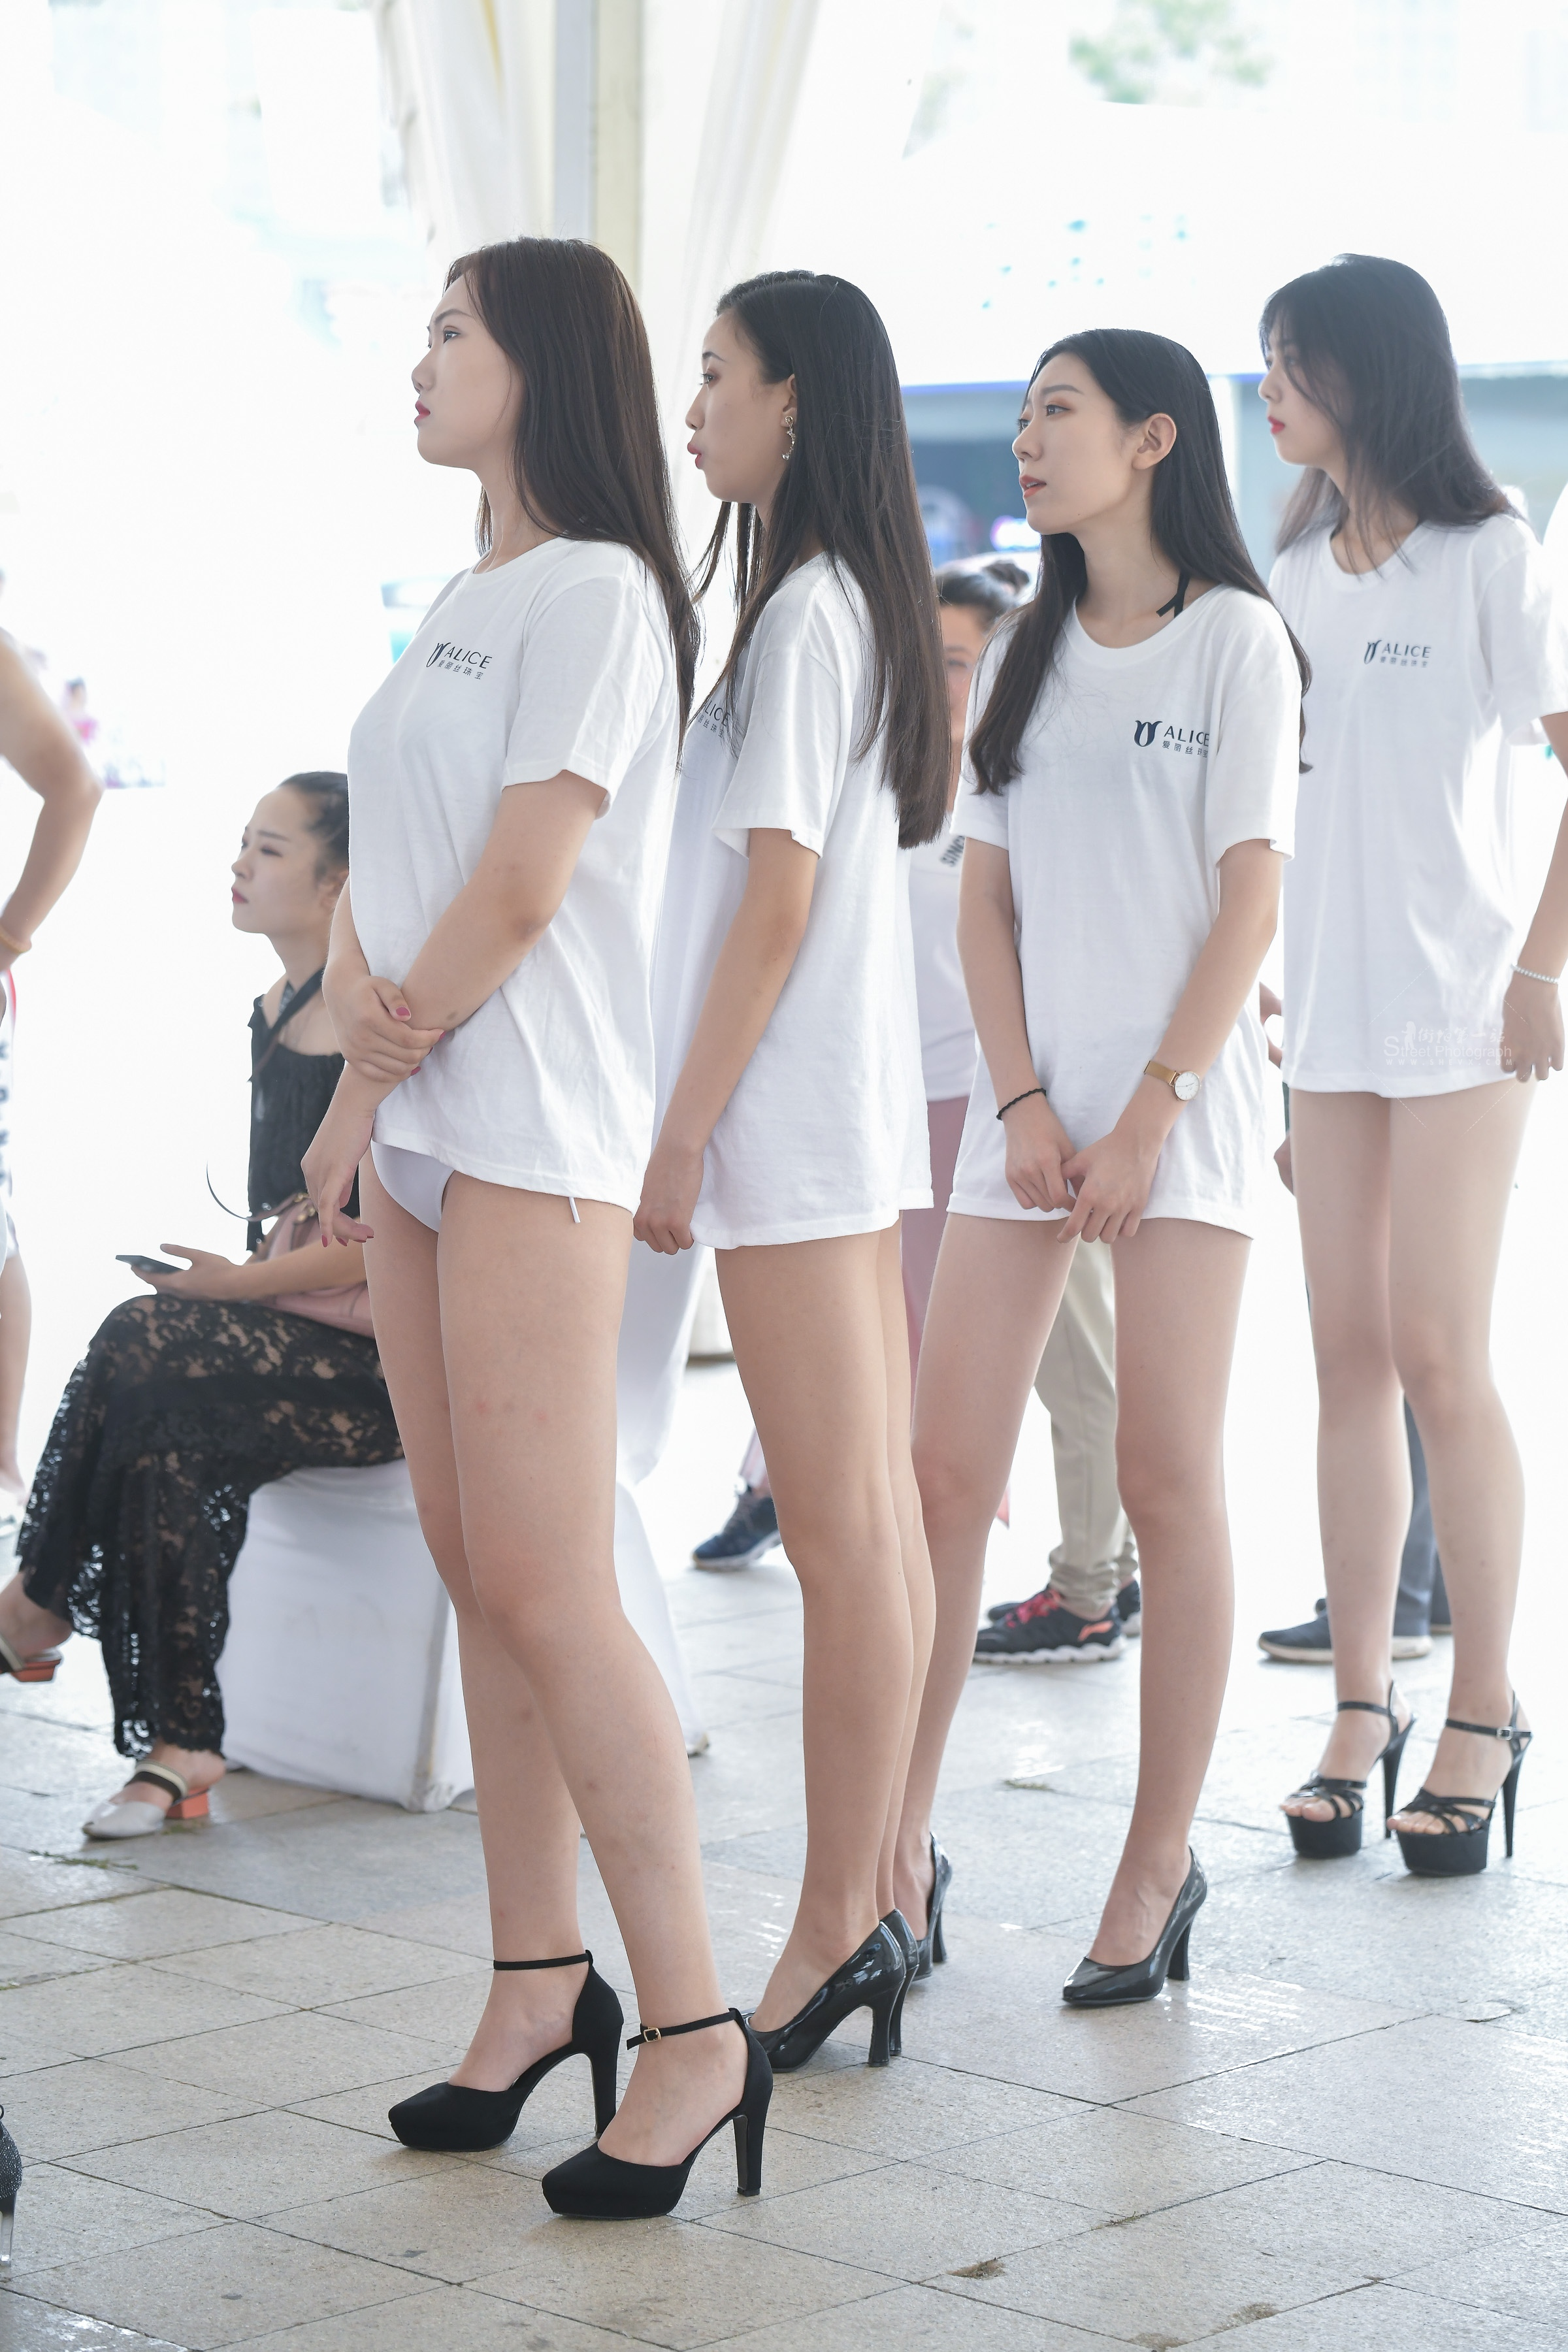 街拍长腿,街拍高跟 模特大赛准备上场的 长腿高跟姑娘们。 最新街拍丝袜图片 街拍丝袜第一站